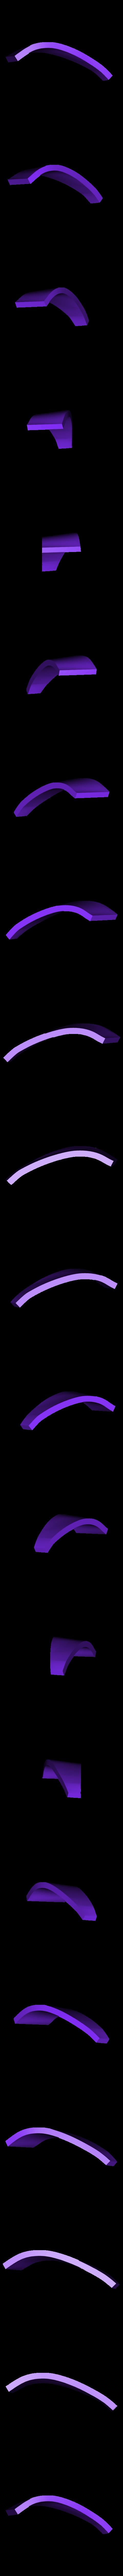 Part_8_v3.stl Download free STL file Sabine Wren Helmet Star Wars • Model to 3D print, VillainousPropShop